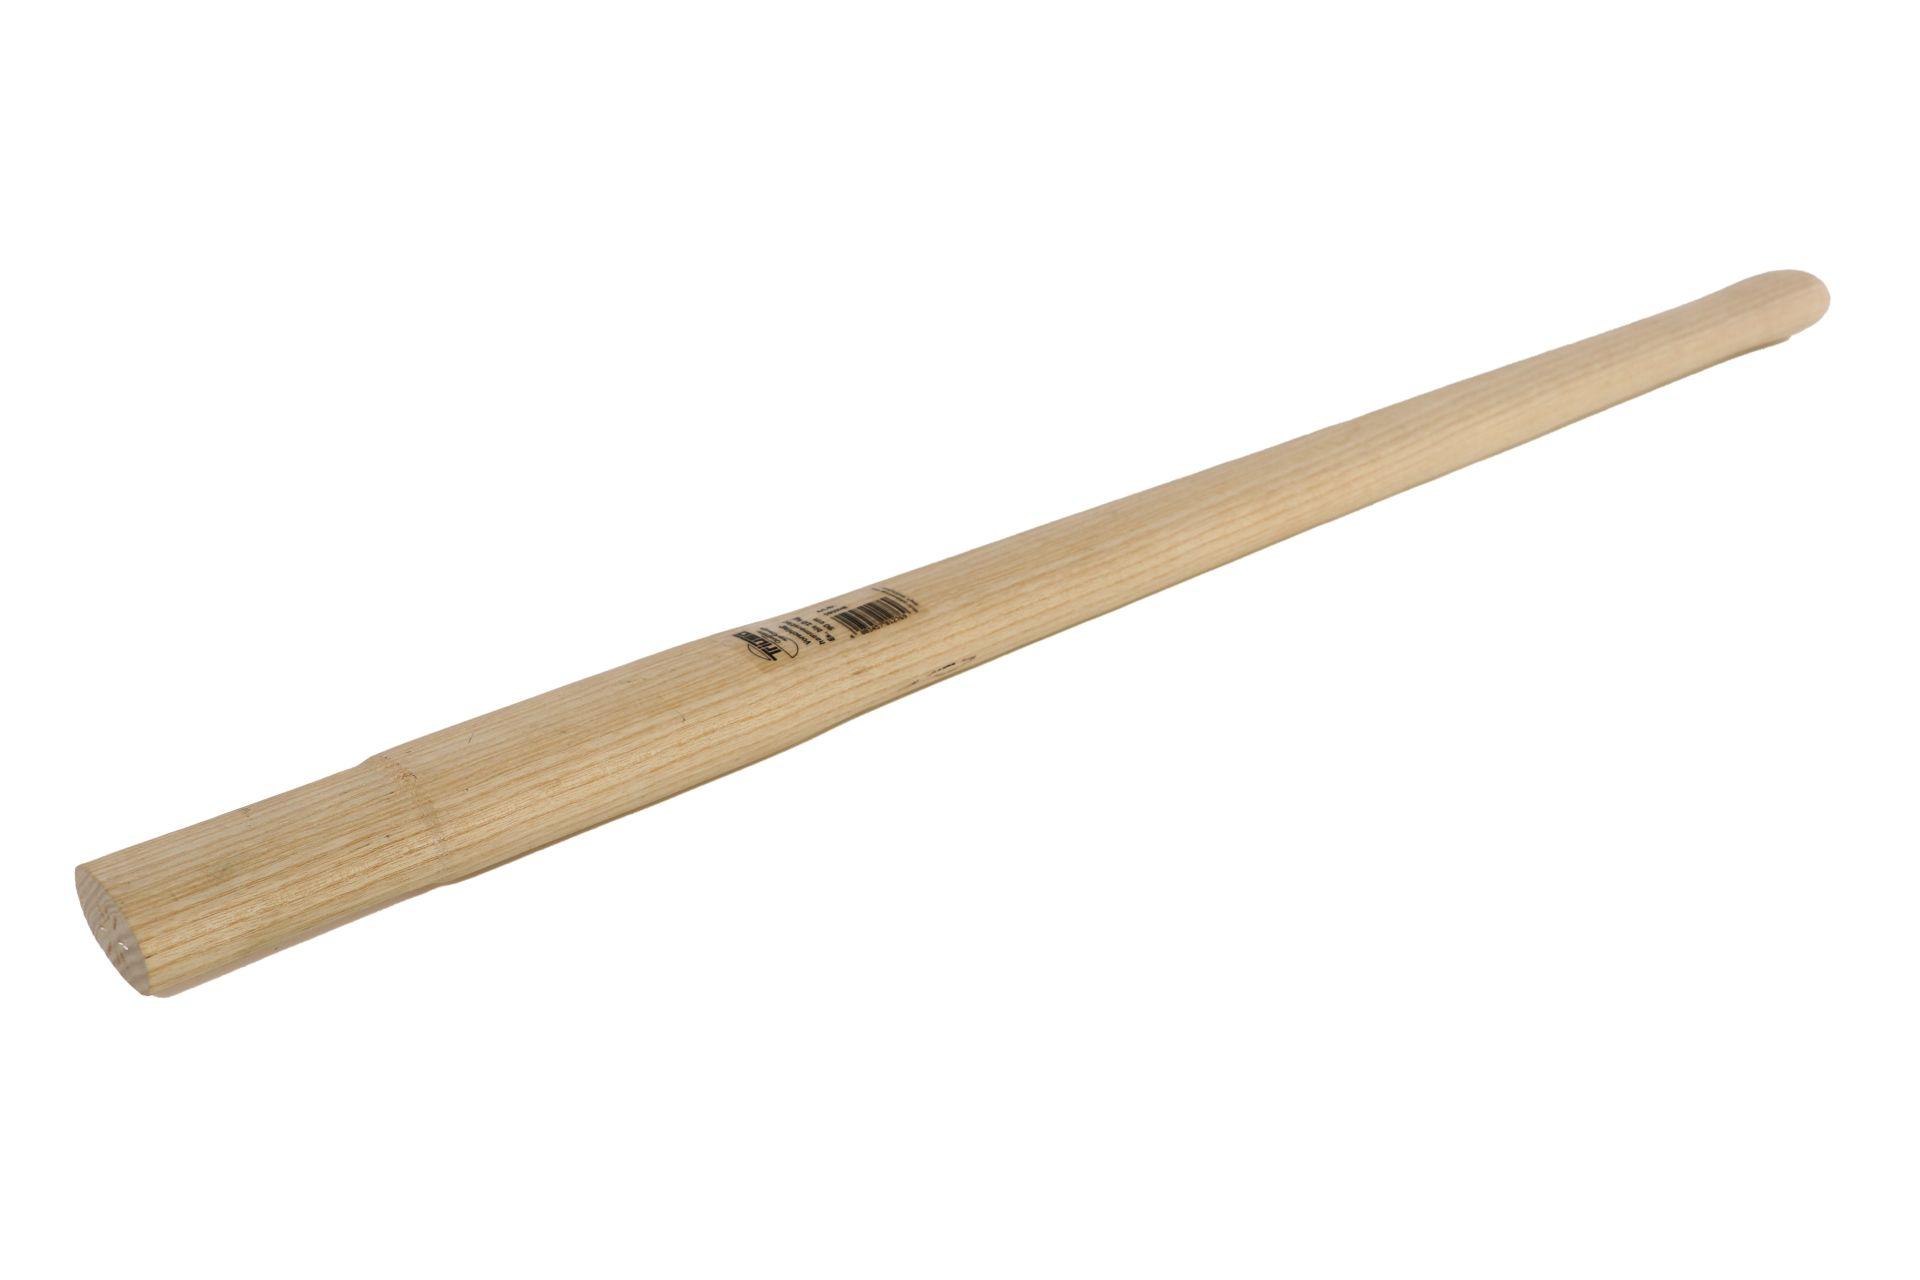 TRIUSO Vorschlaghammerstiel aus Esche 9 bis 10 kg